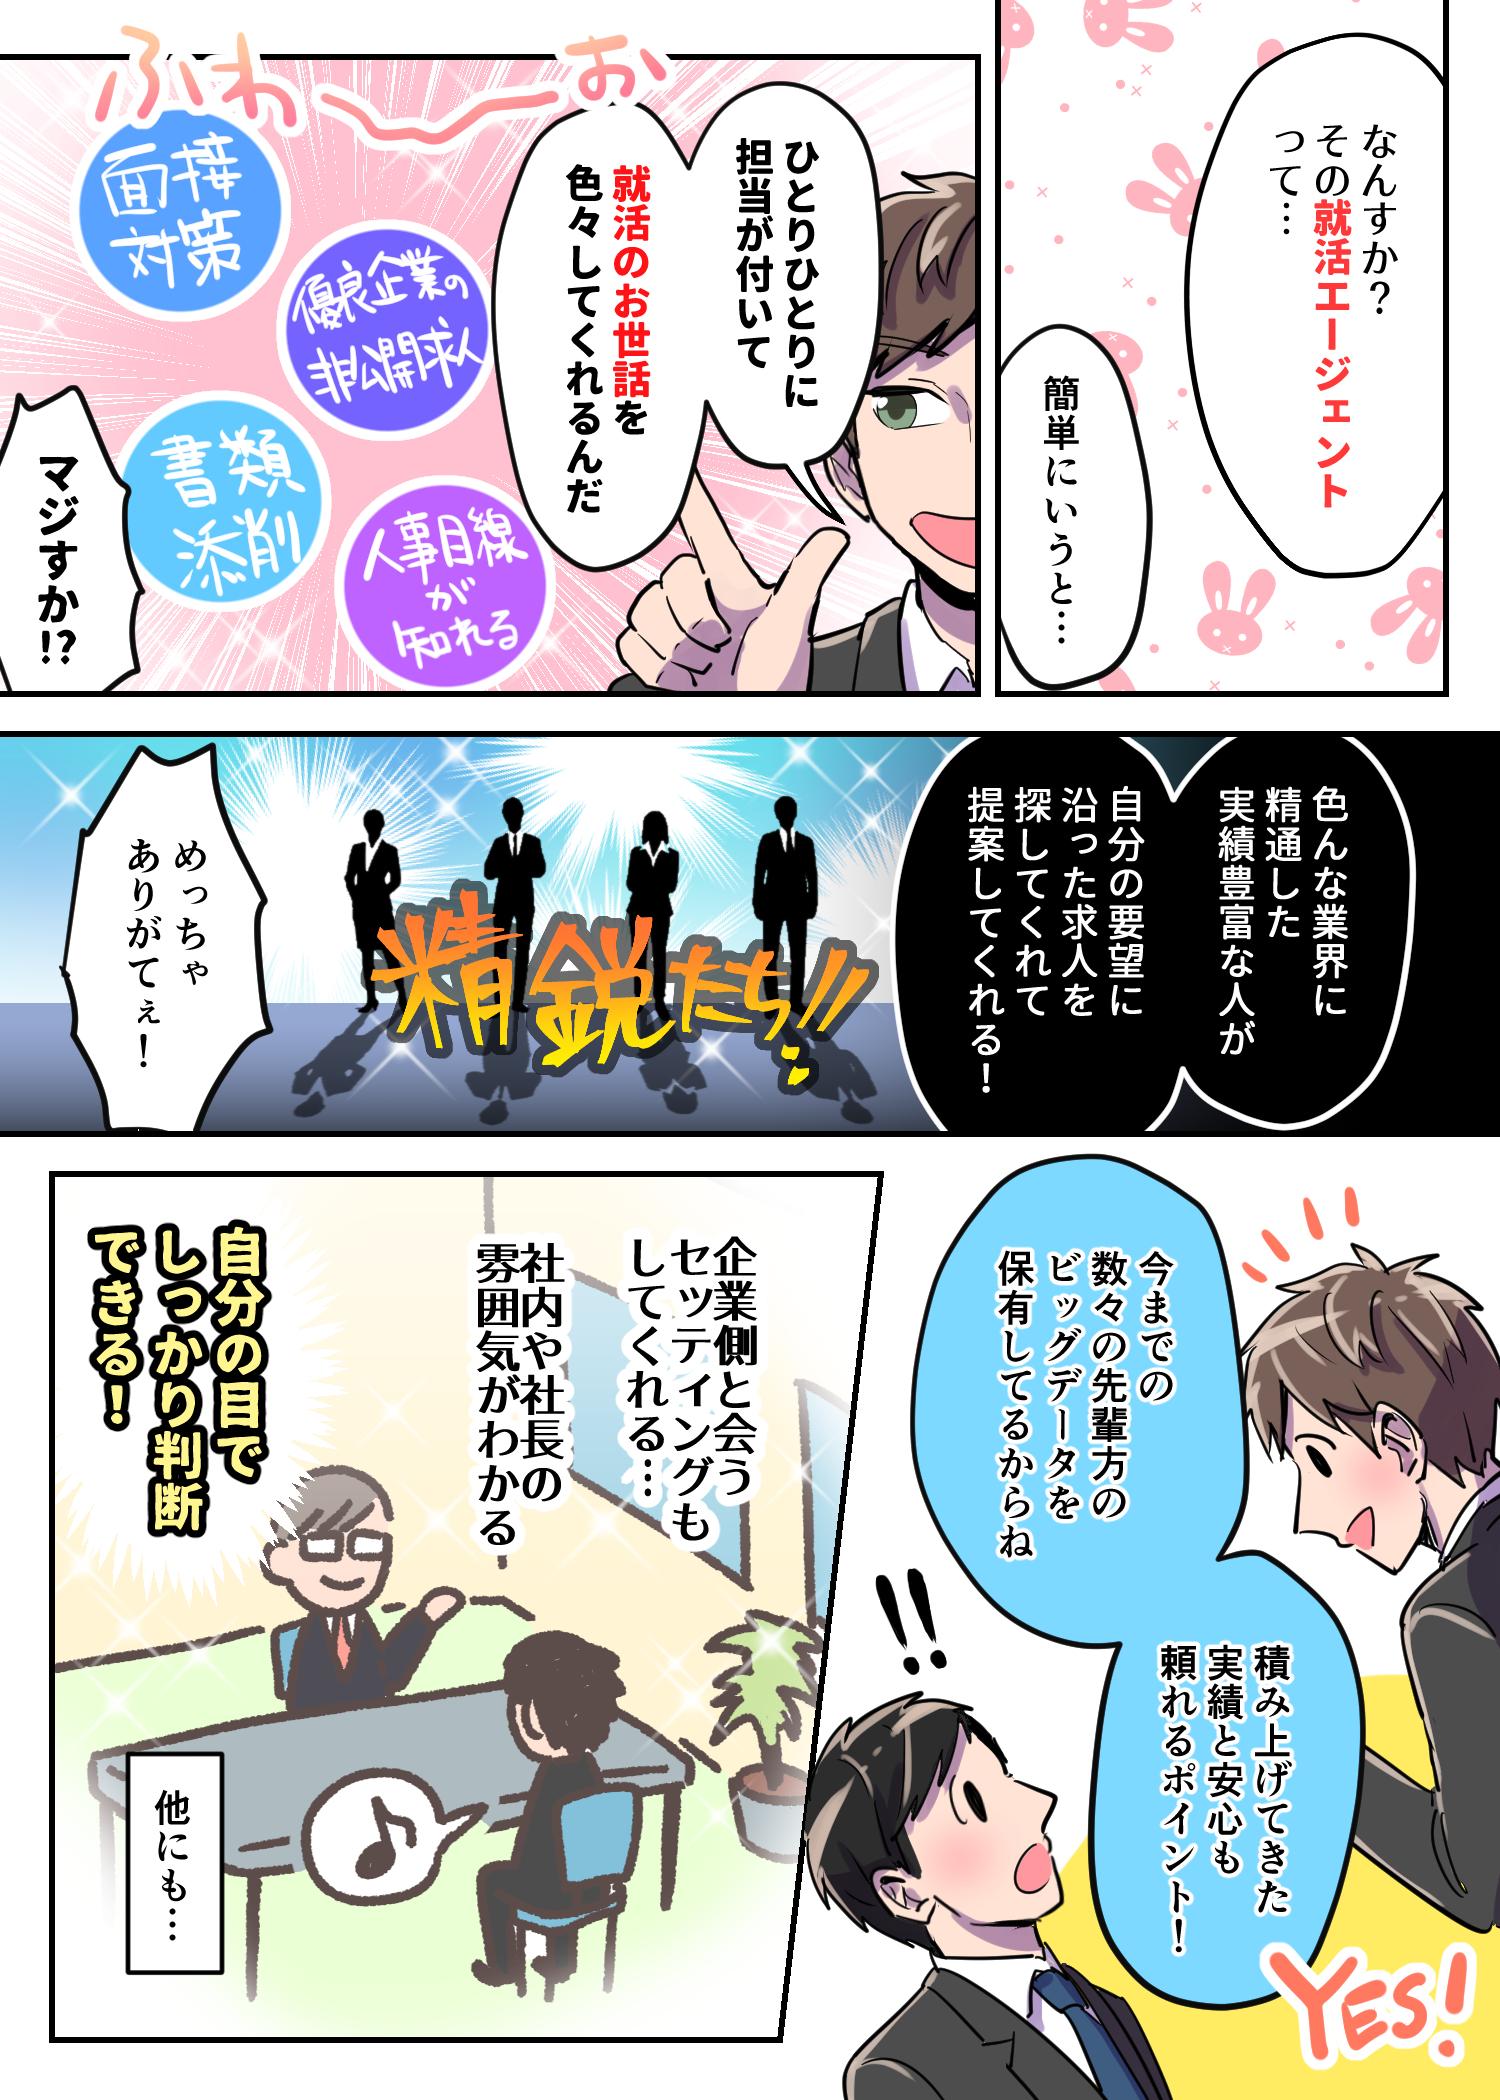 就職・就活エージェントの解説漫画2